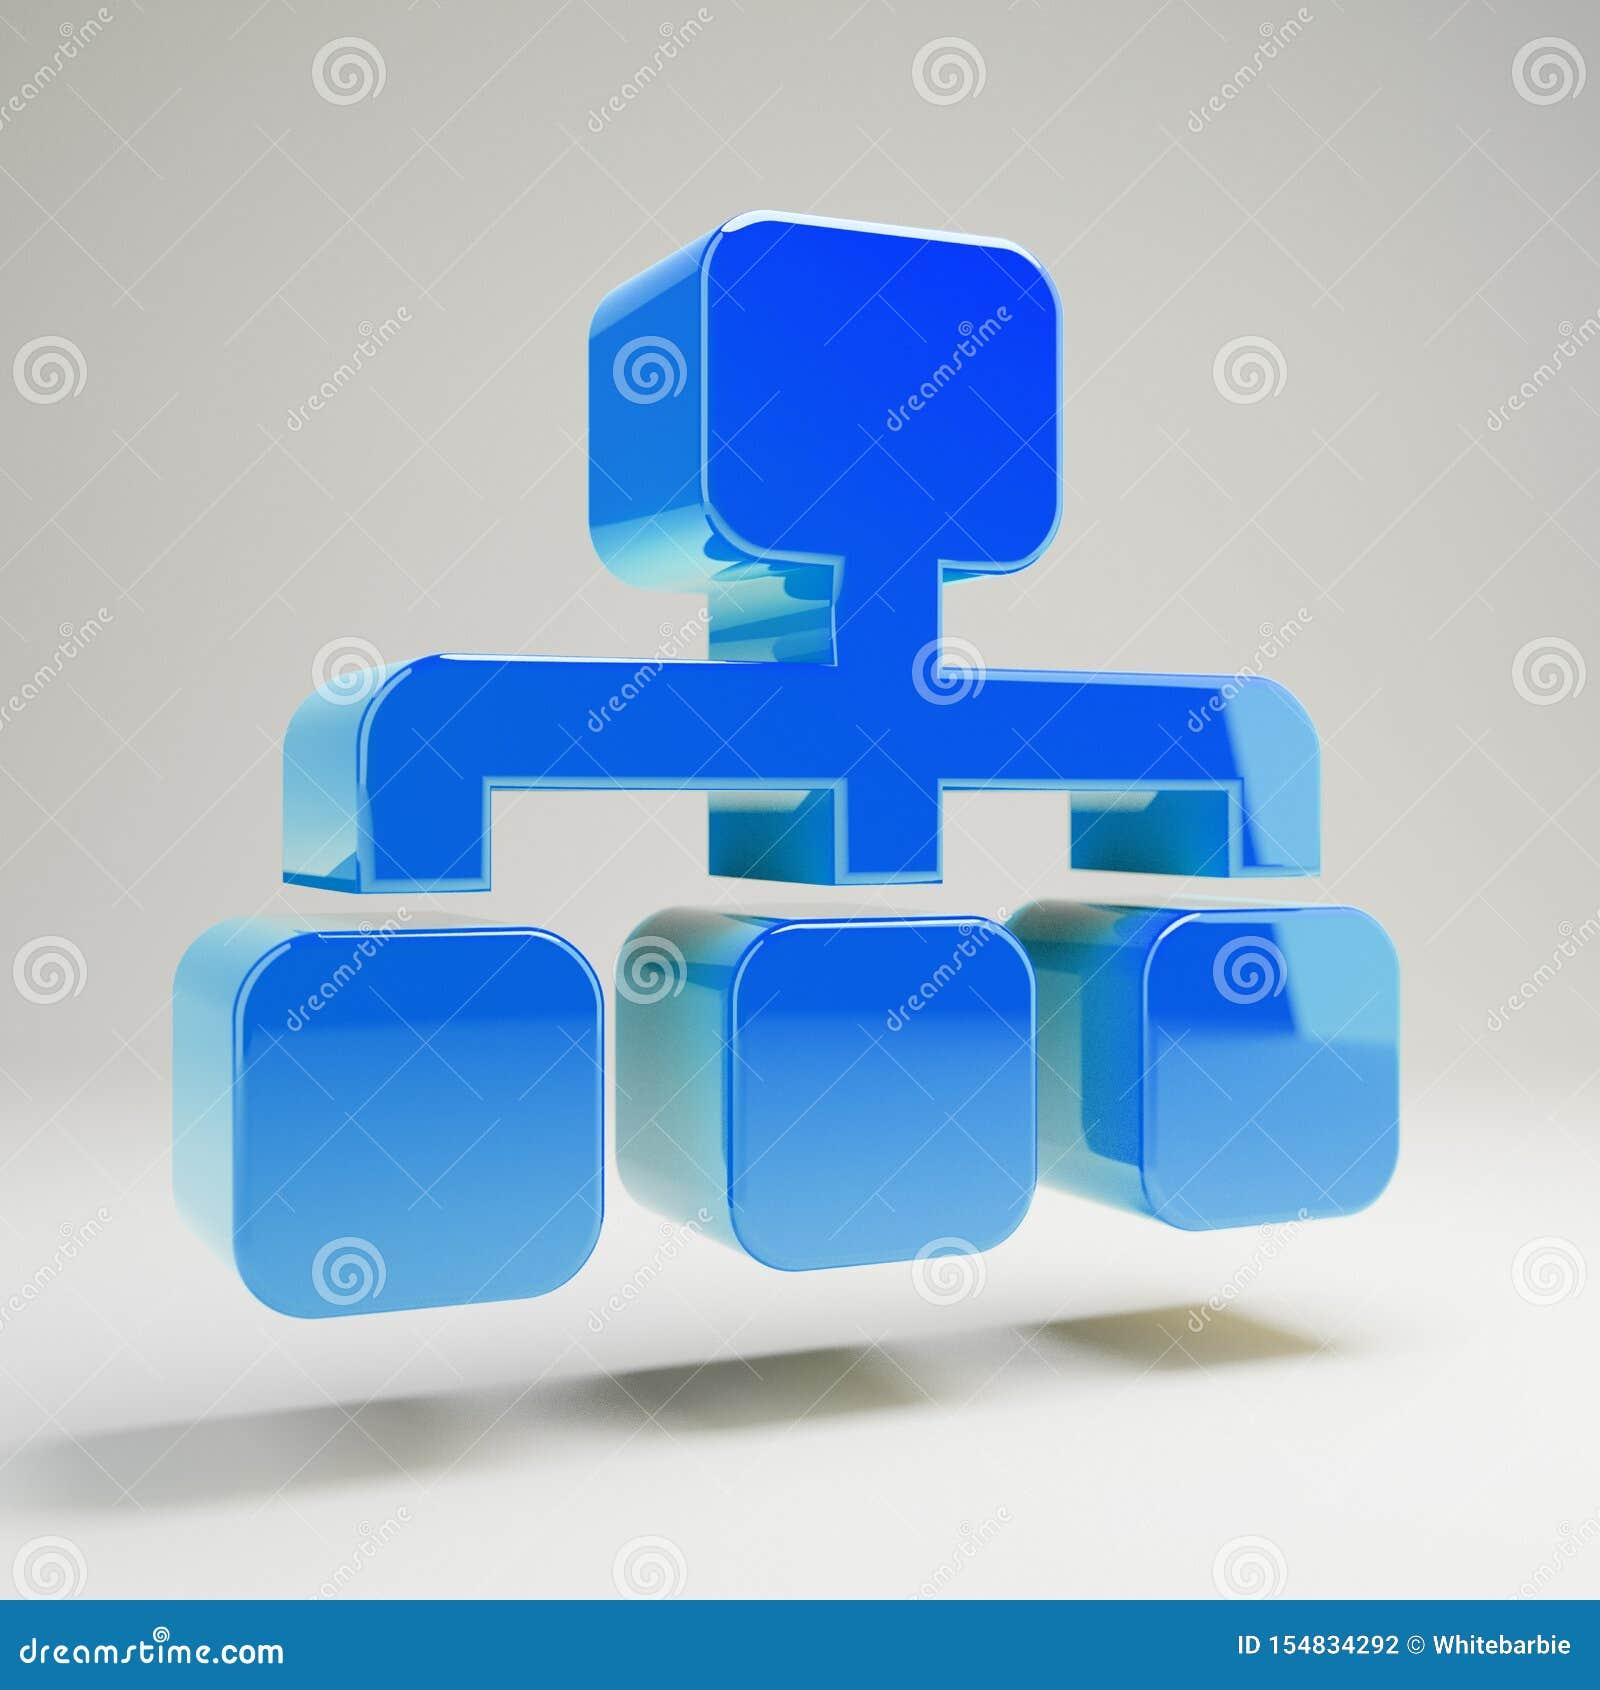 Ícone de sitemap volumétrico azul brilhante isolado sobre fundo branco